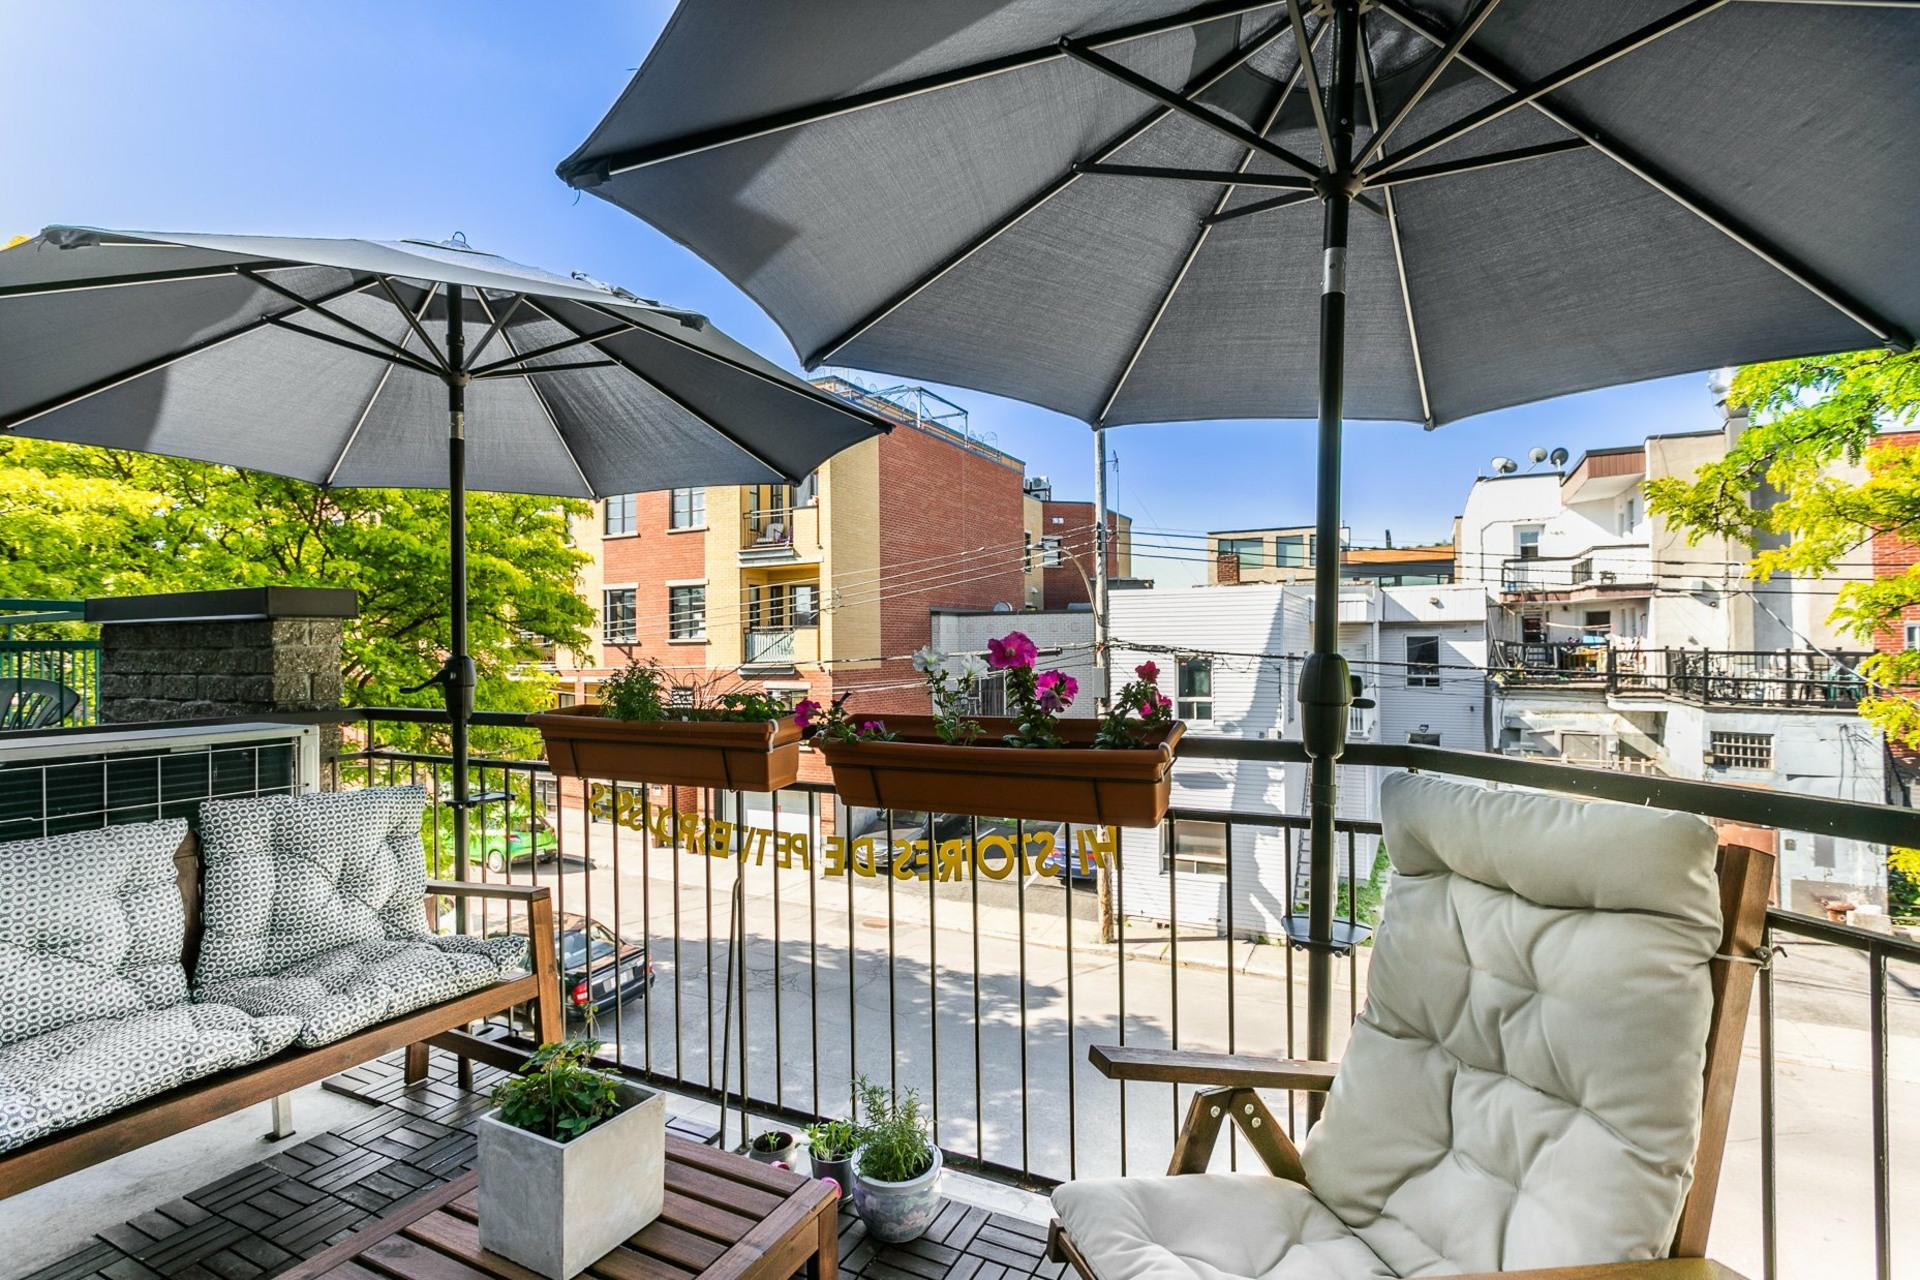 image 16 - Appartement À vendre Villeray/Saint-Michel/Parc-Extension Montréal  - 5 pièces